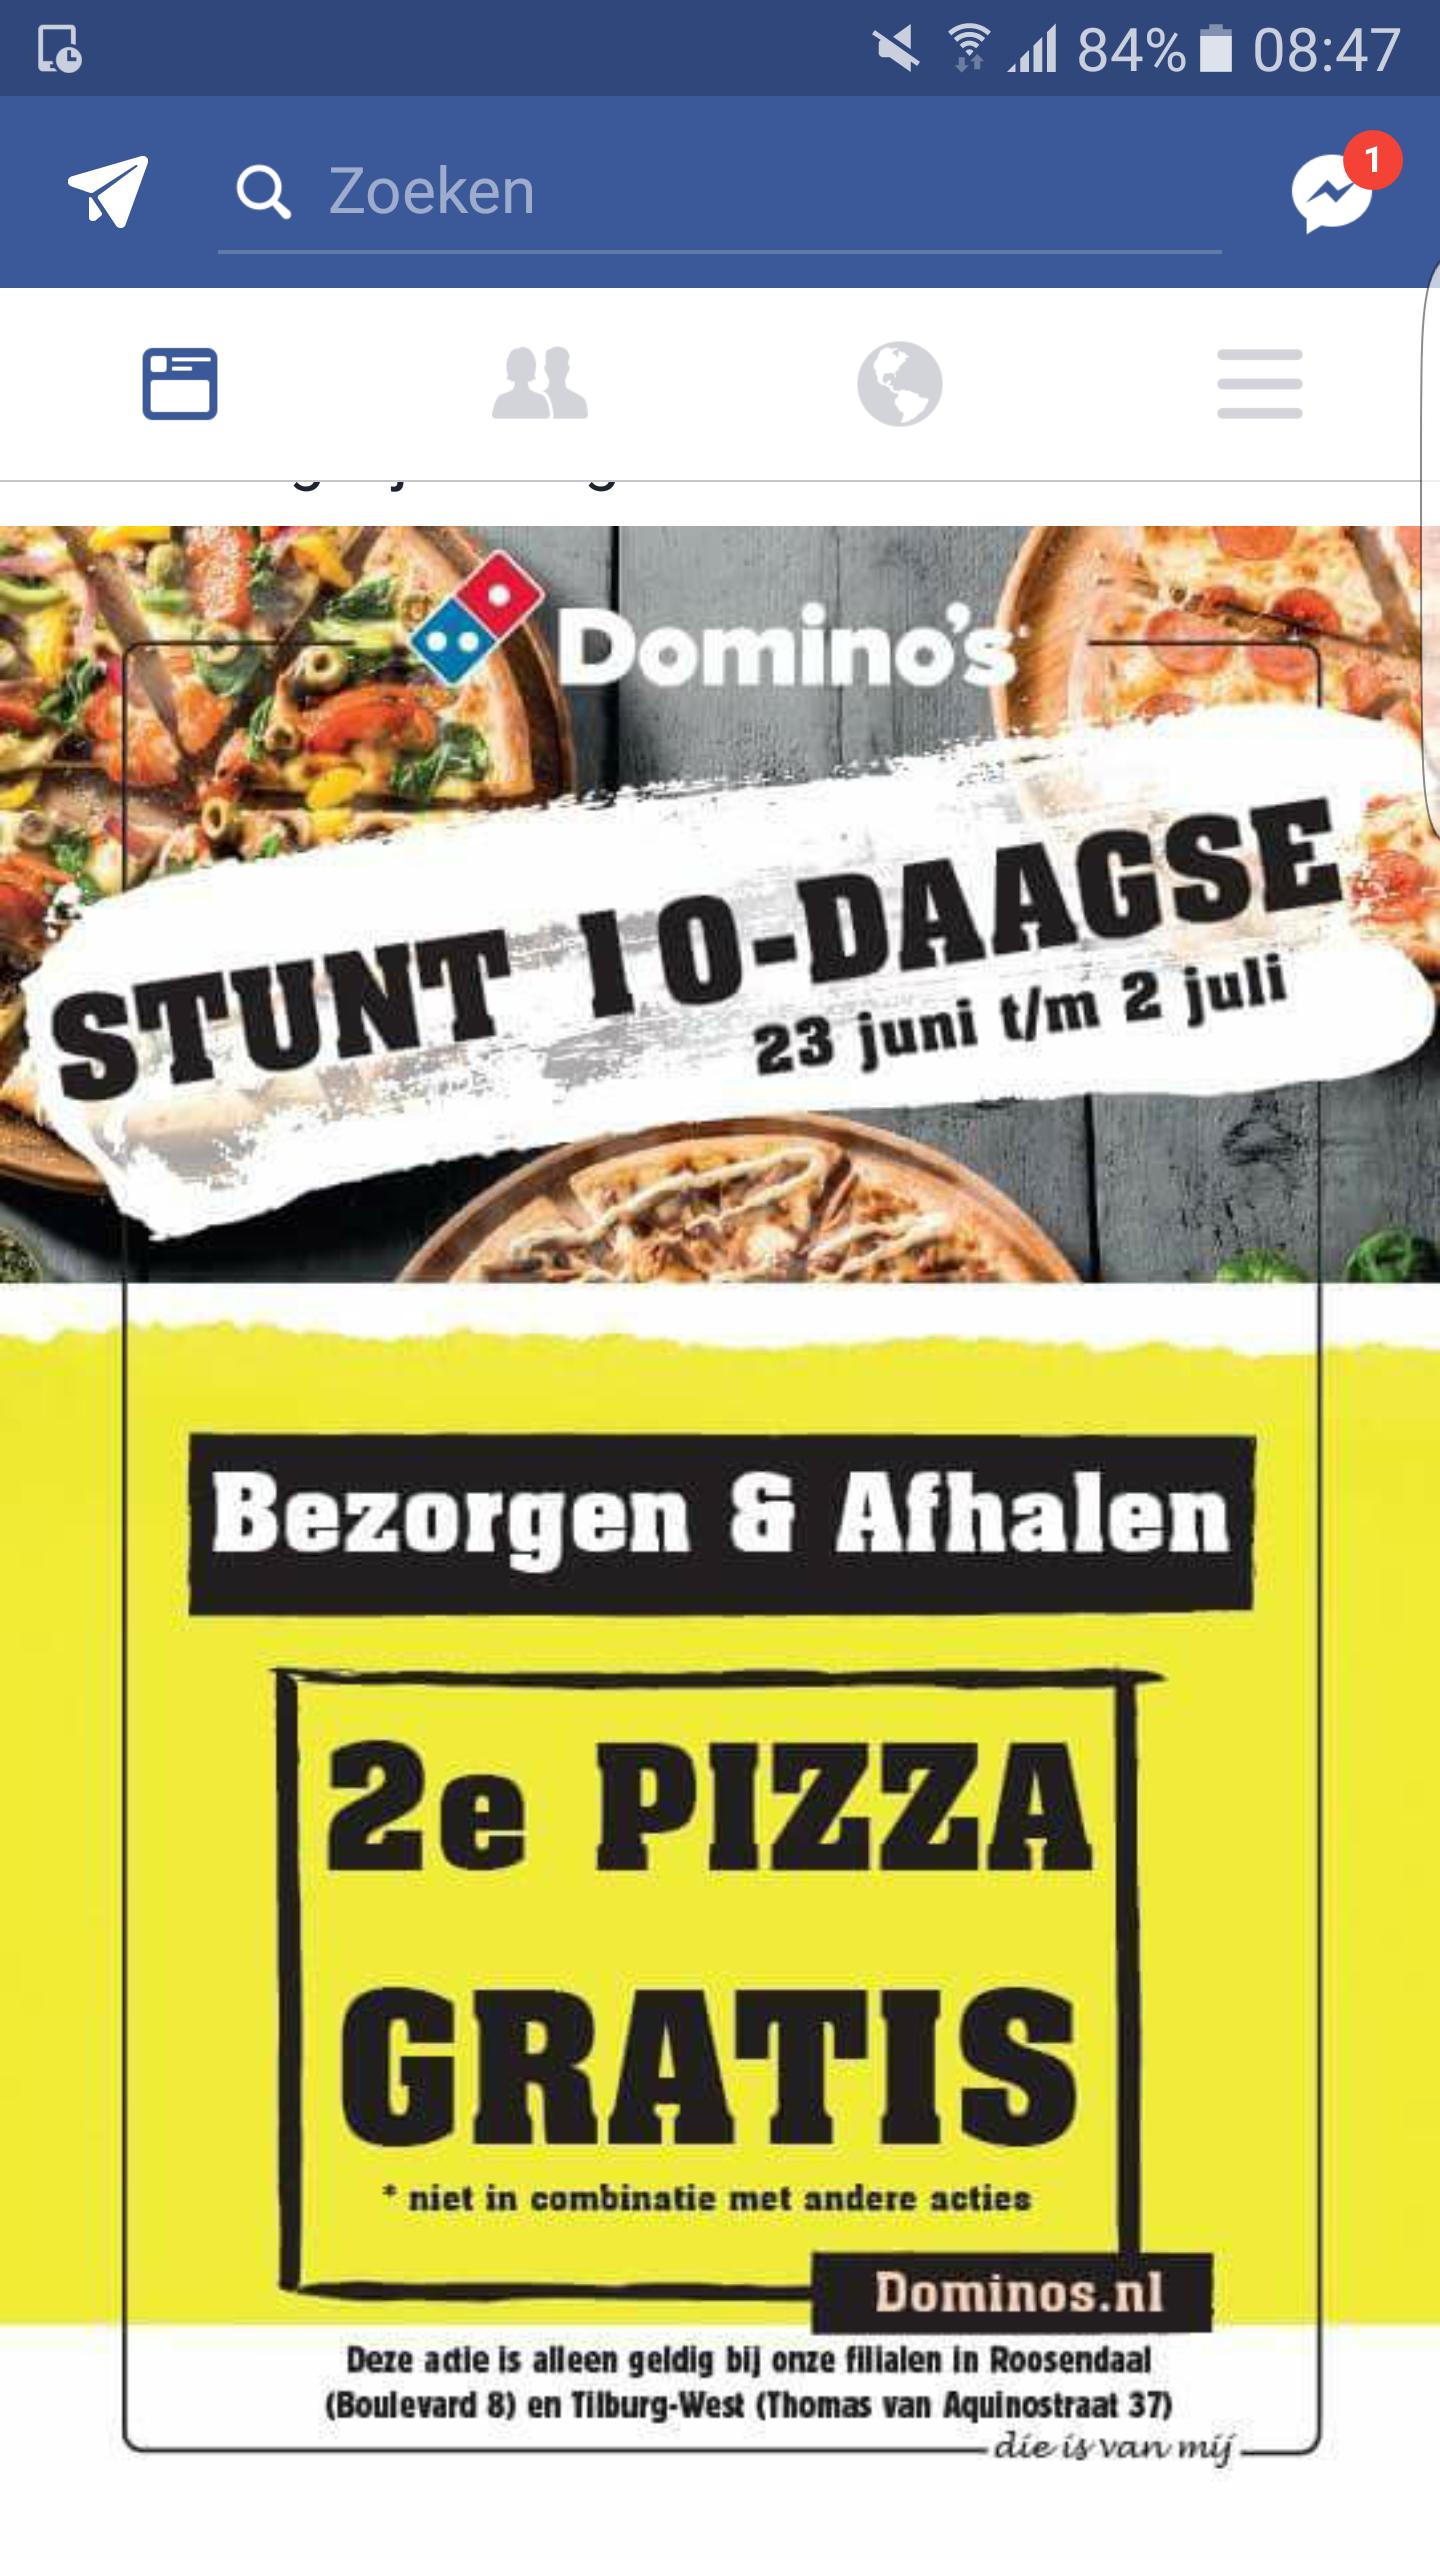 2e pizza gratis Domino's (ook bezorgen!) Tilburg en Roosendaal